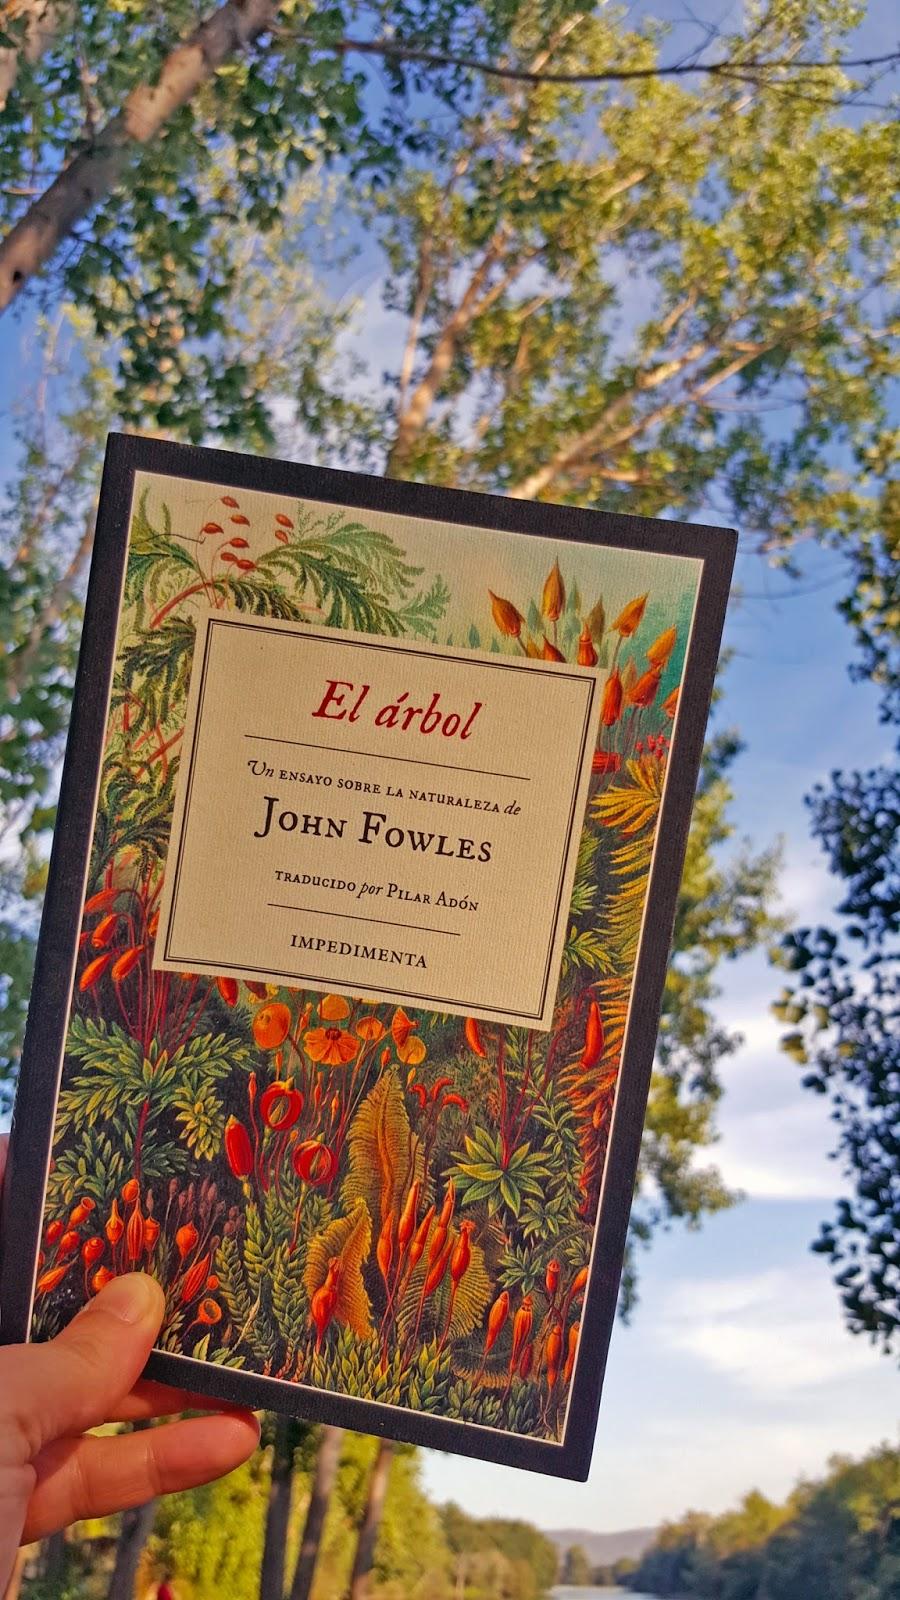 Lo Que Leo Lo Cuento El árbol John Fowles